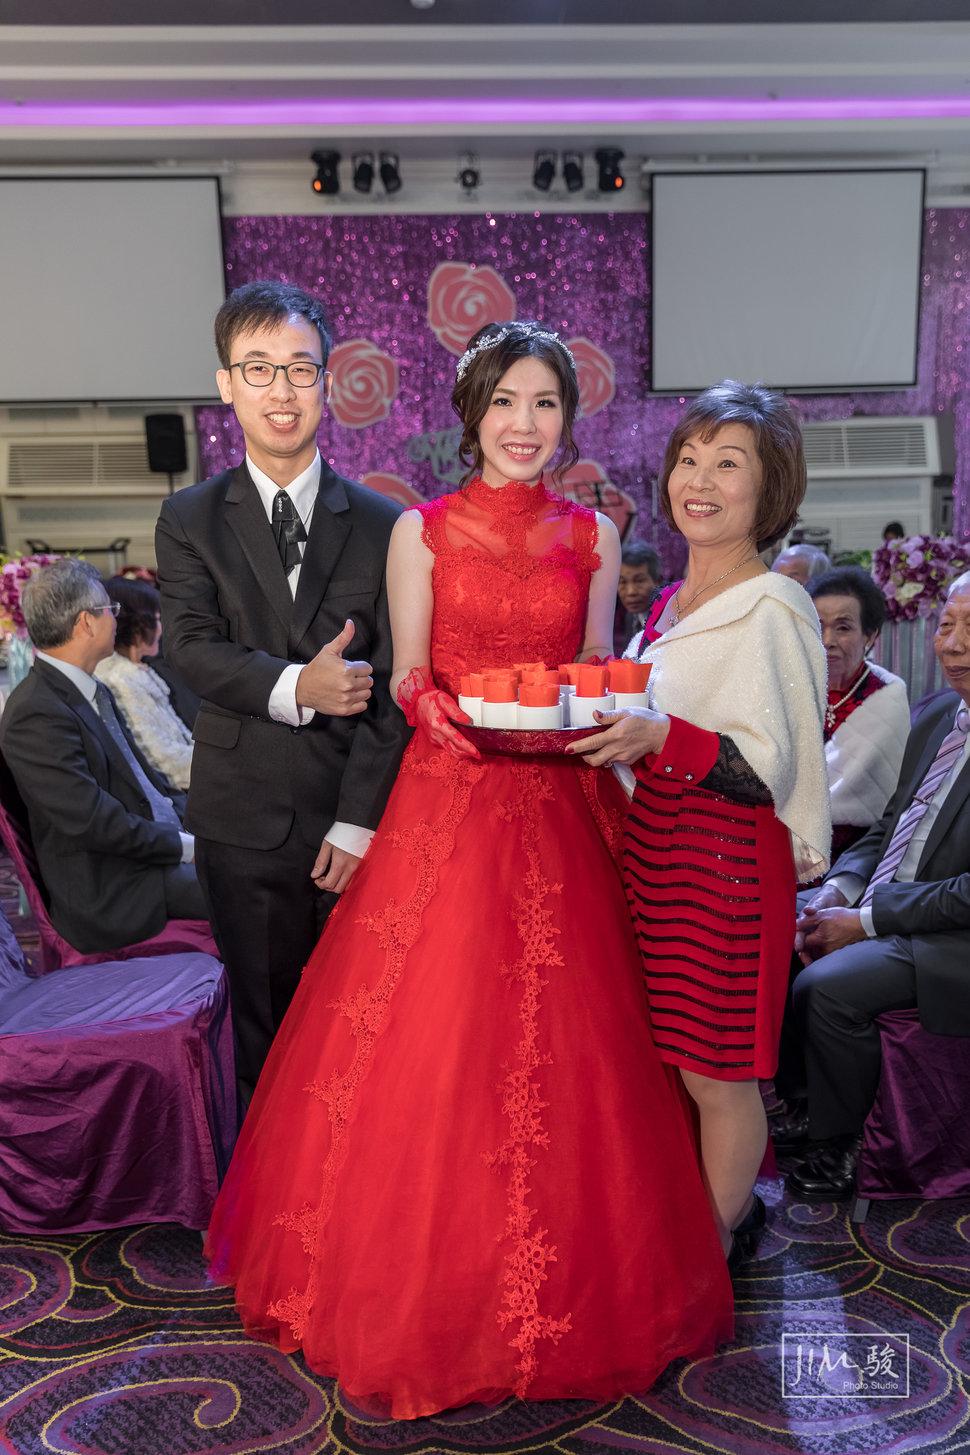 16' 1210 得均&如媛 文定之喜 @綠光花園(編號:551715) - JIM 駿 PHOTO Studio - 結婚吧一站式婚禮服務平台